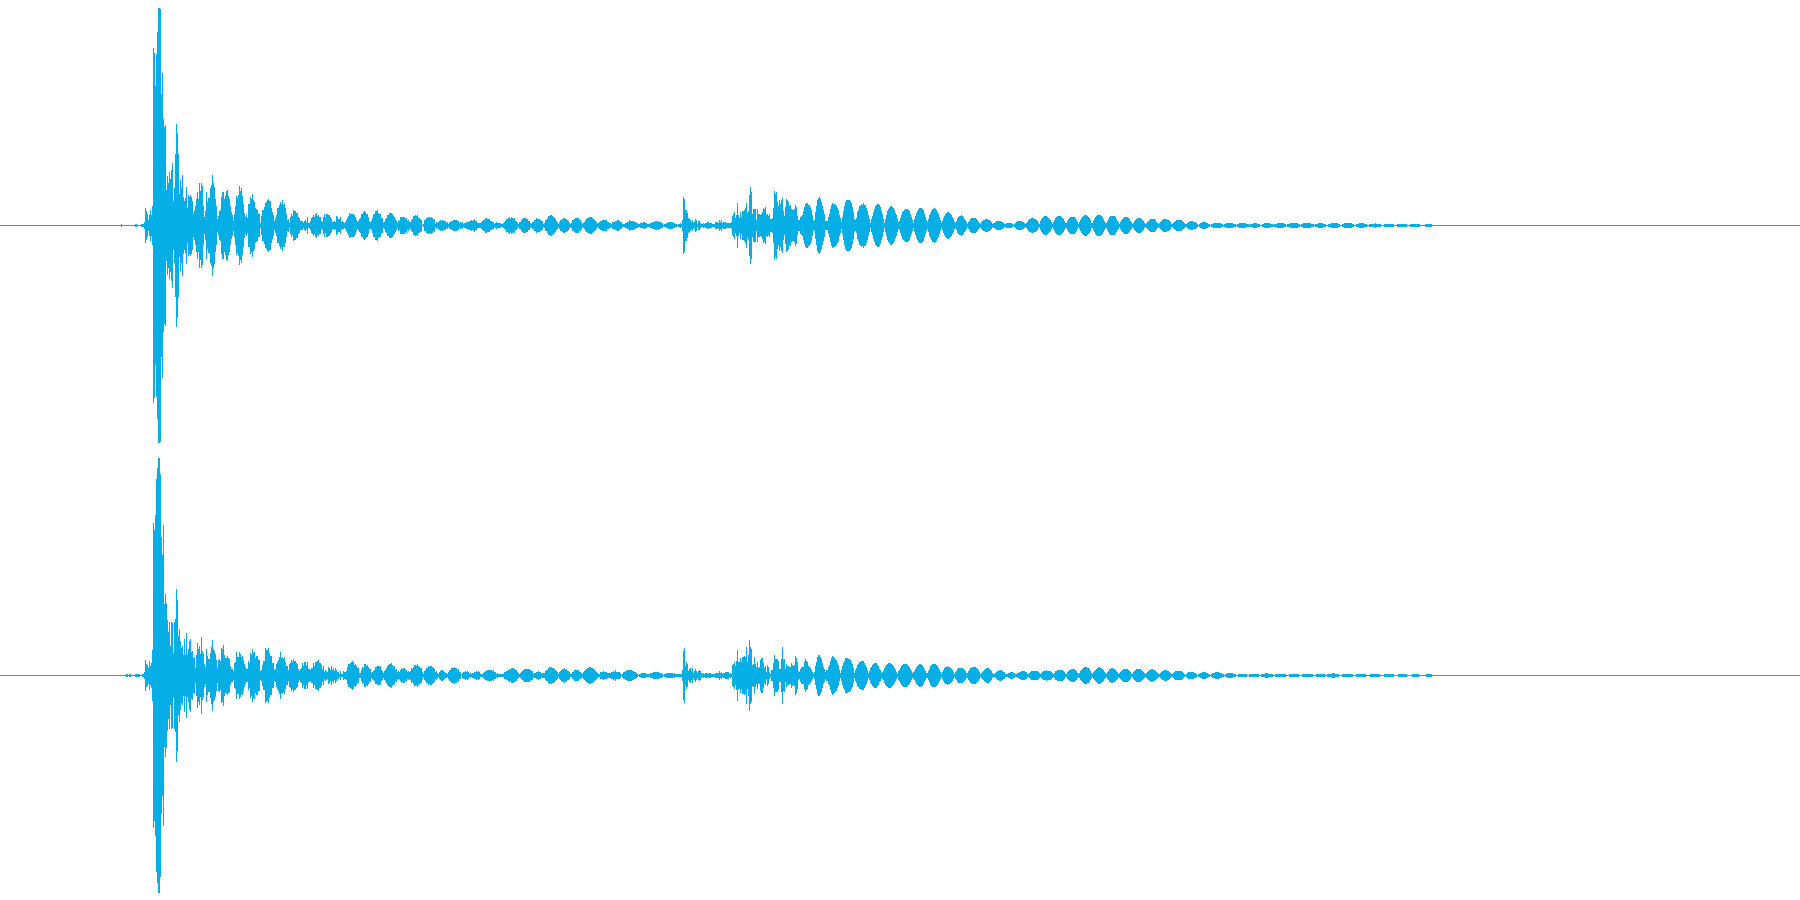 キーボード 一打C 文字キー風 (生音)の再生済みの波形